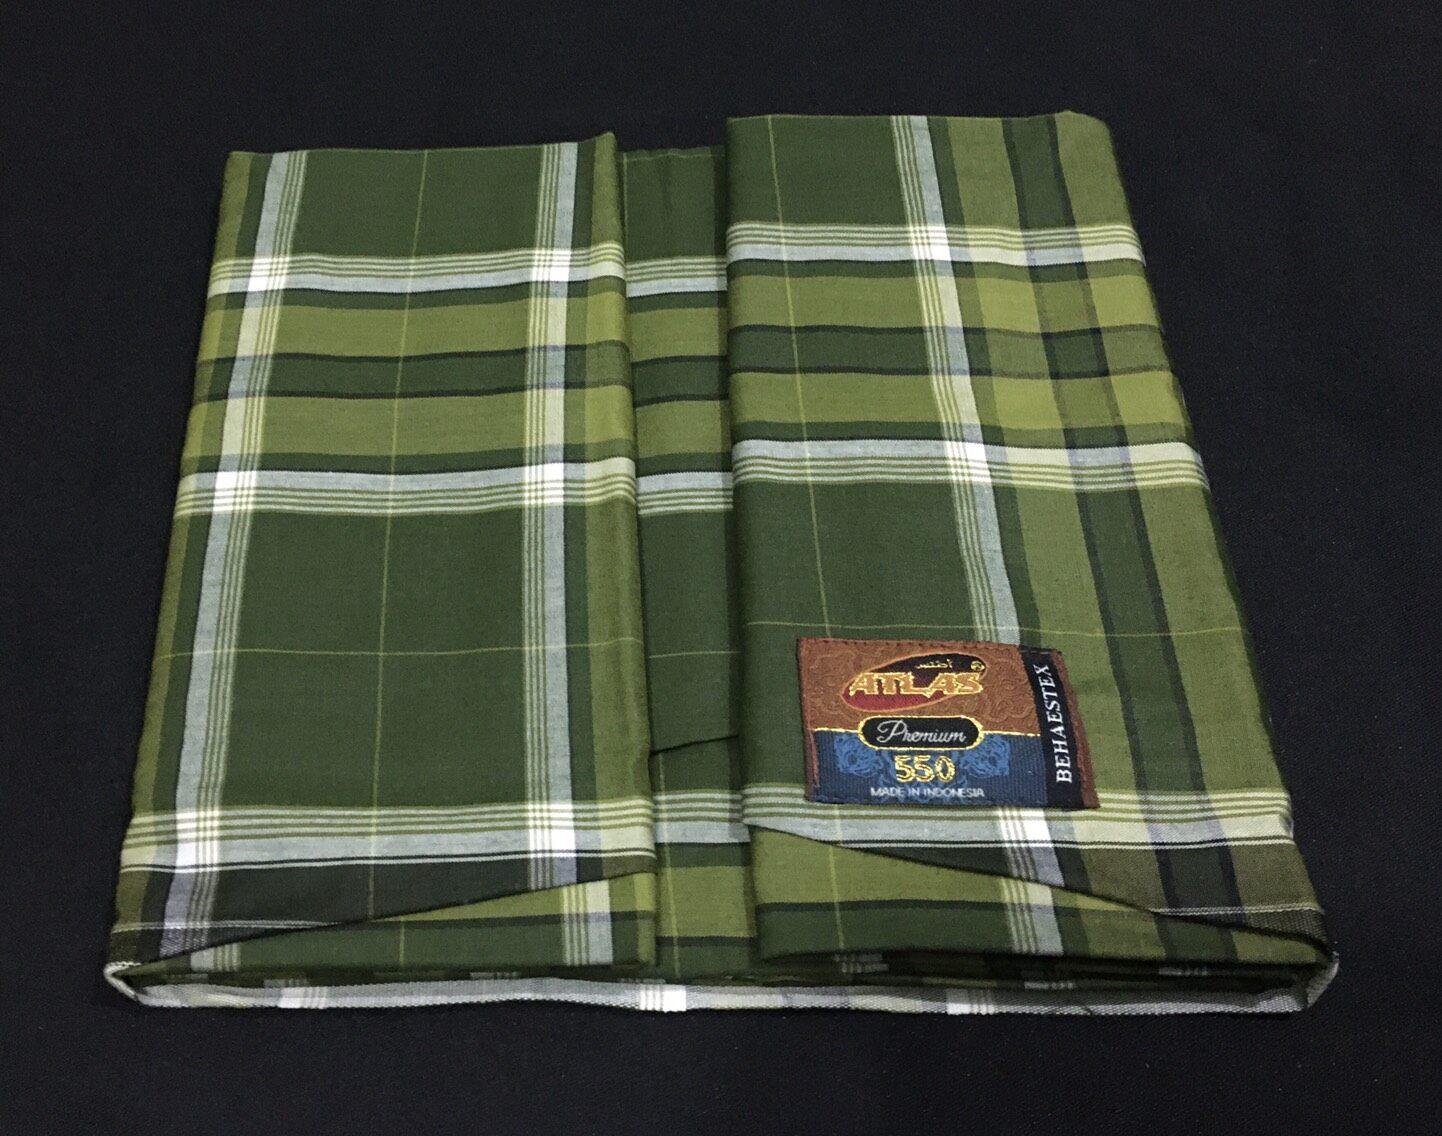 โสร่ง ผ้าถุงชาย ผ้านุ่งชาย เย็บแล้ว โสร่งอินโดแท้ ขนาด 200 x 128 ซม.